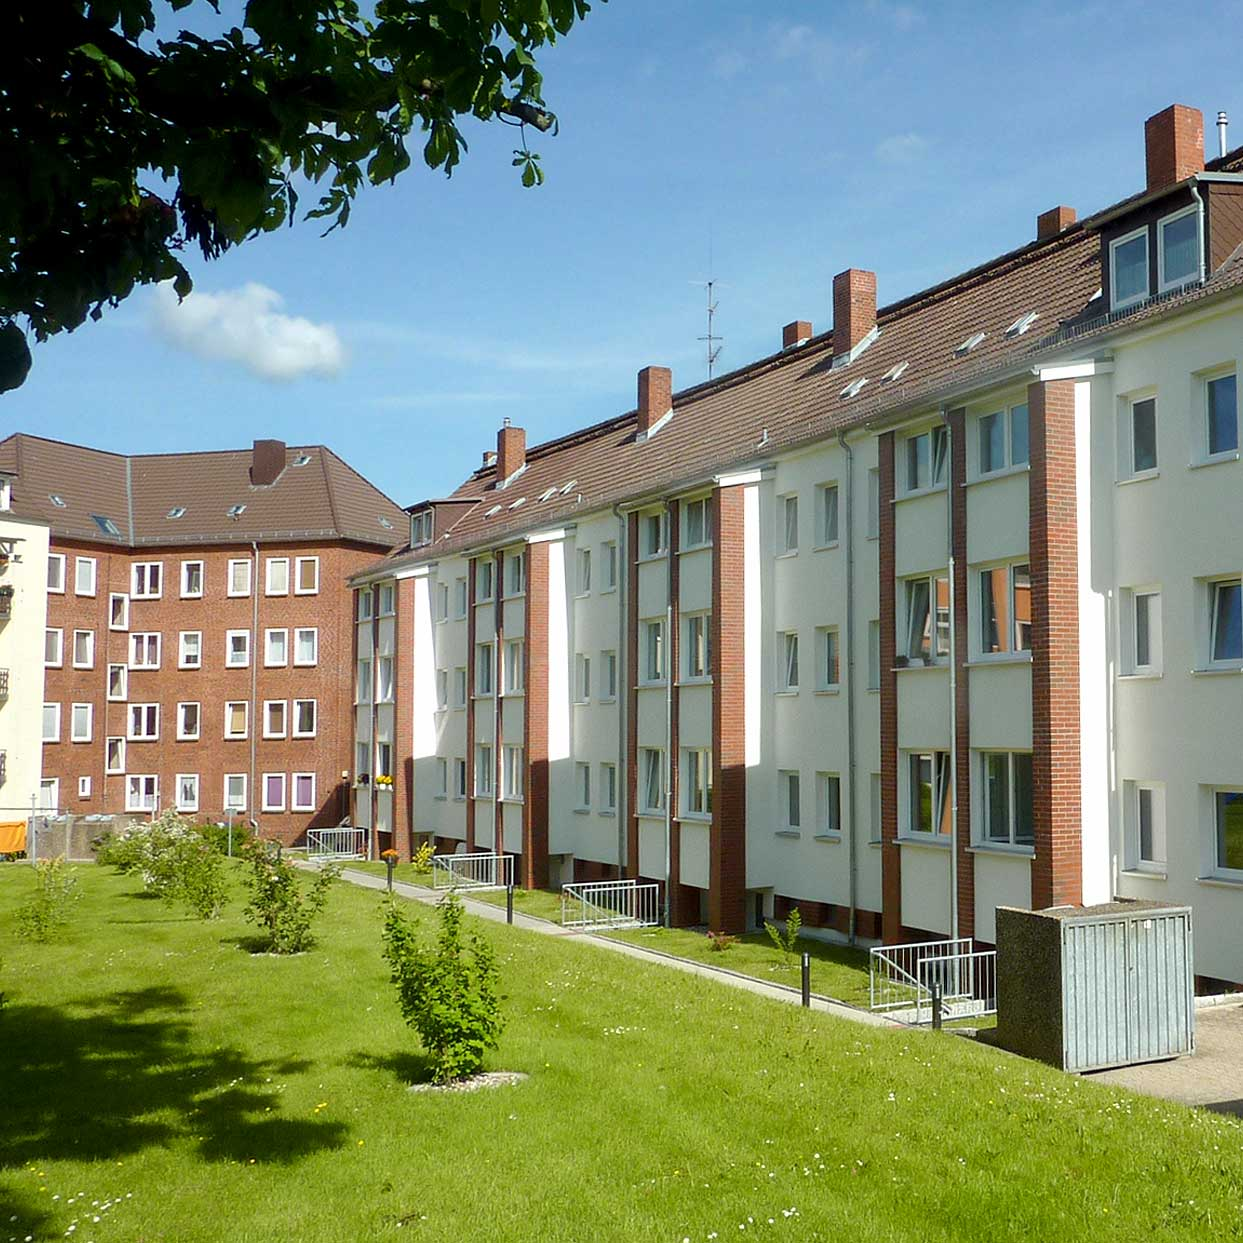 Energetisch saniertes Haus der Baugenossenschaft Kiel Hassee eG ind der Gärtnerstraße, Hofansicht